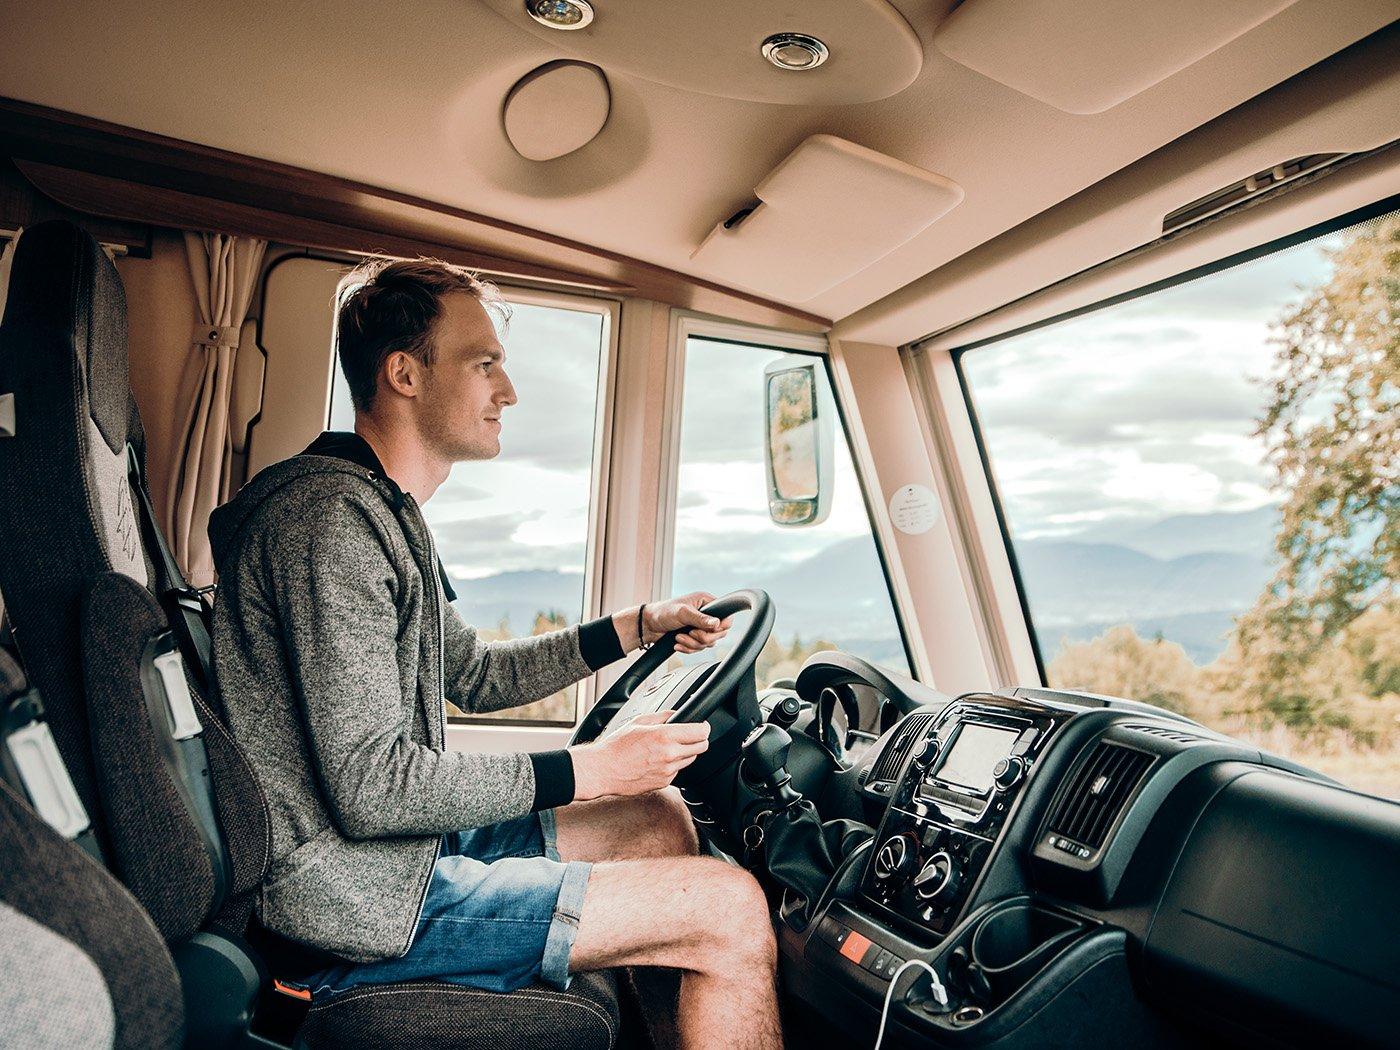 Wohnmobil-Führerschein mit Fahrer